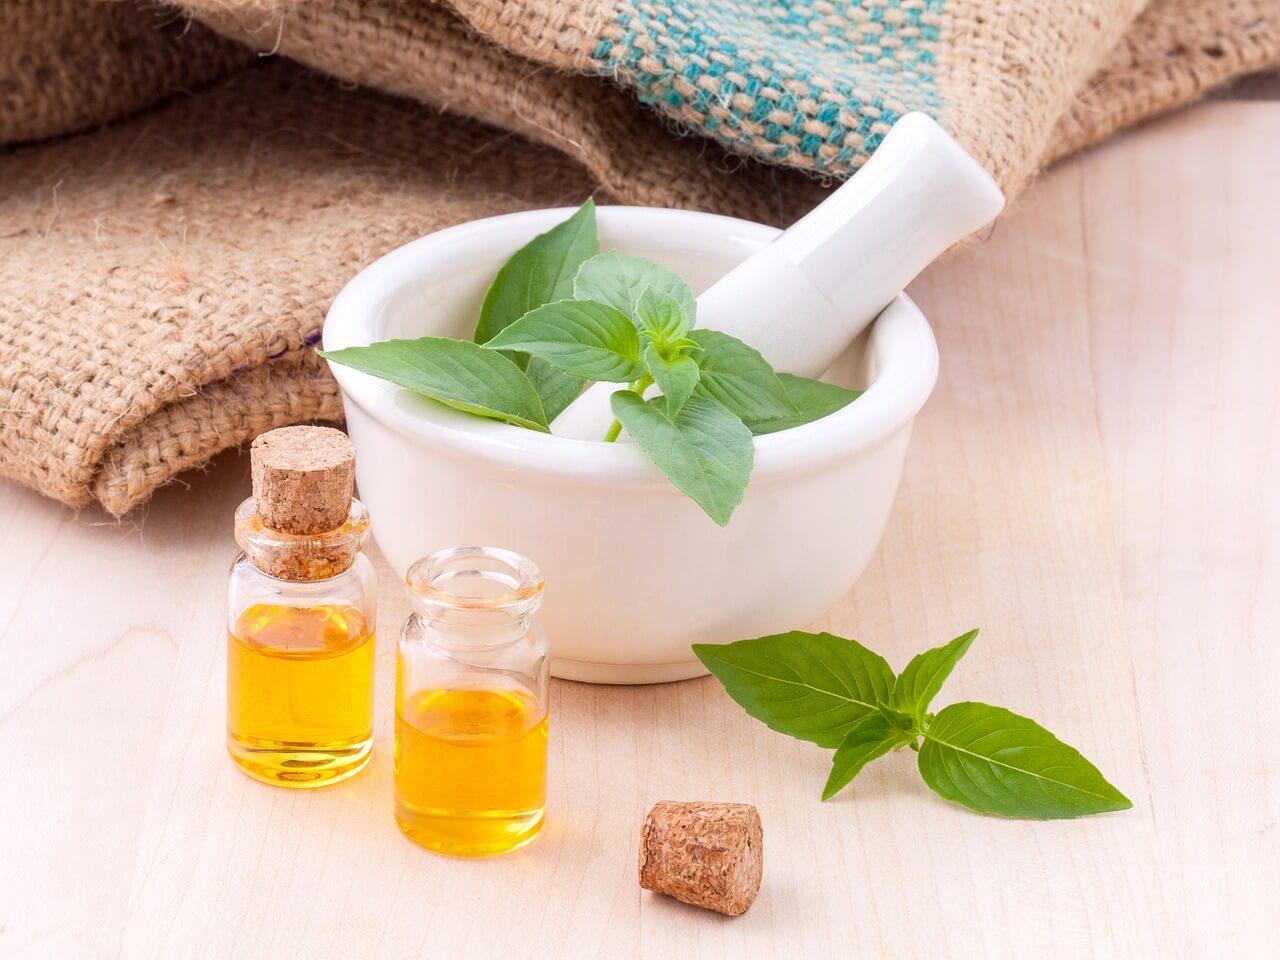 Remède naturel pour le psoriasis